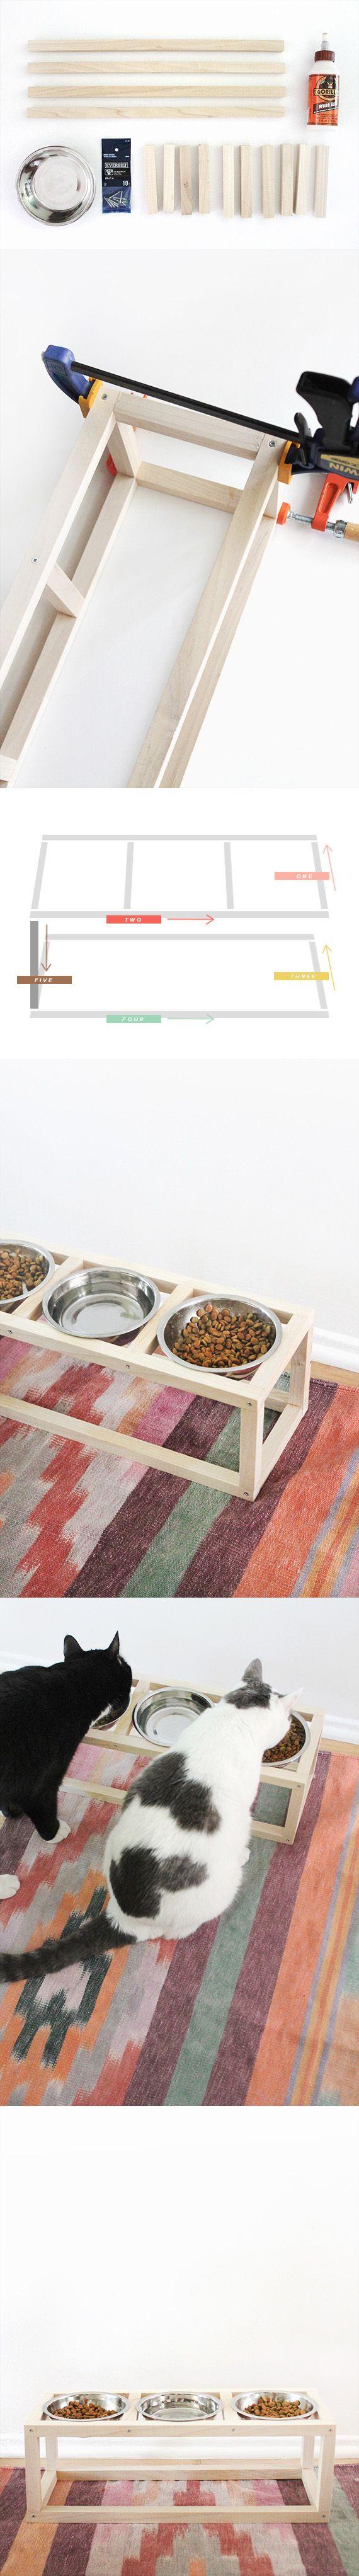 Moderno comedero para mascotas http://www.almostmakesperfect.com/